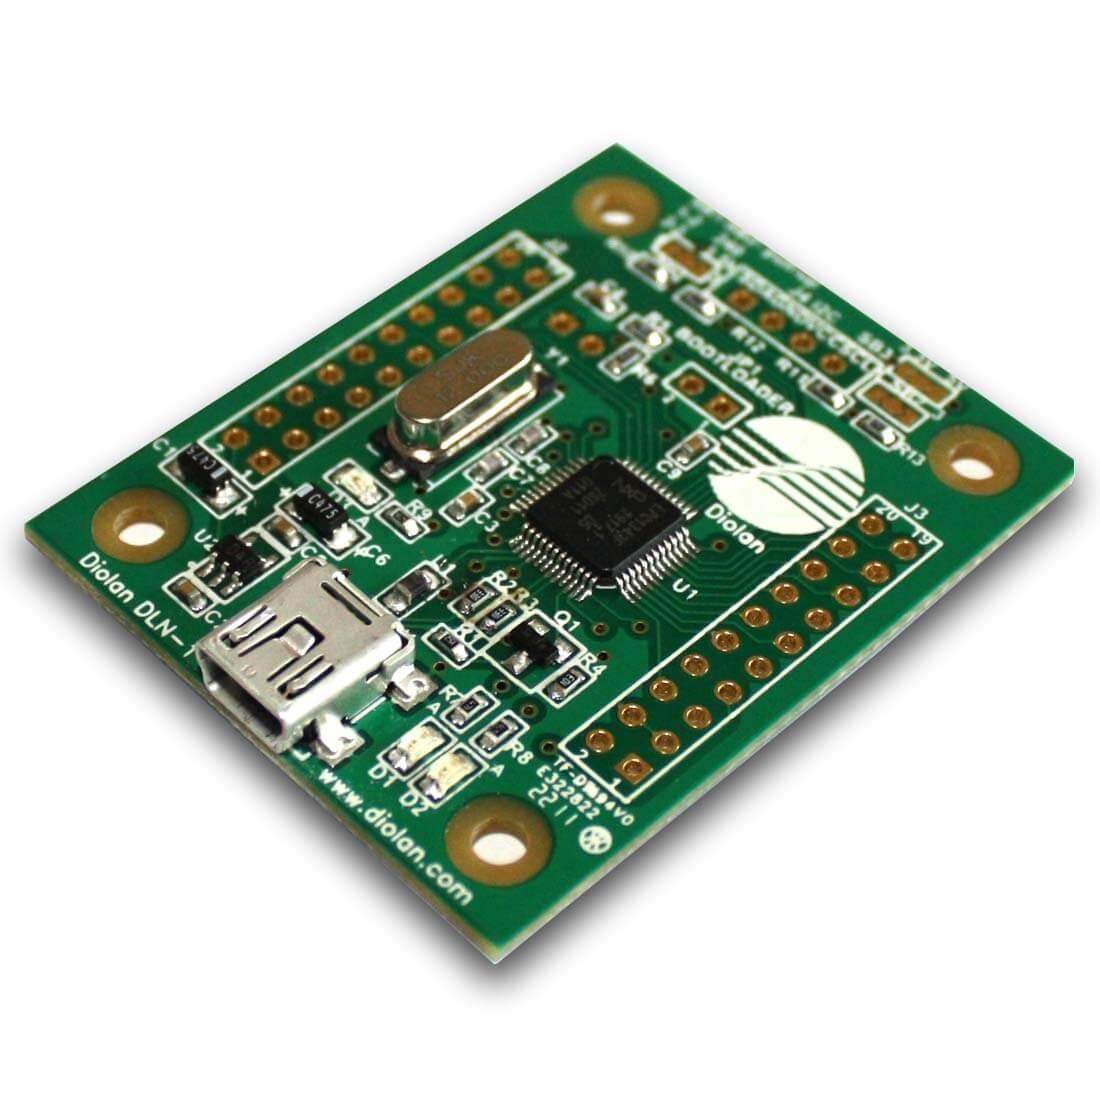 Usb i c wiring diagram images